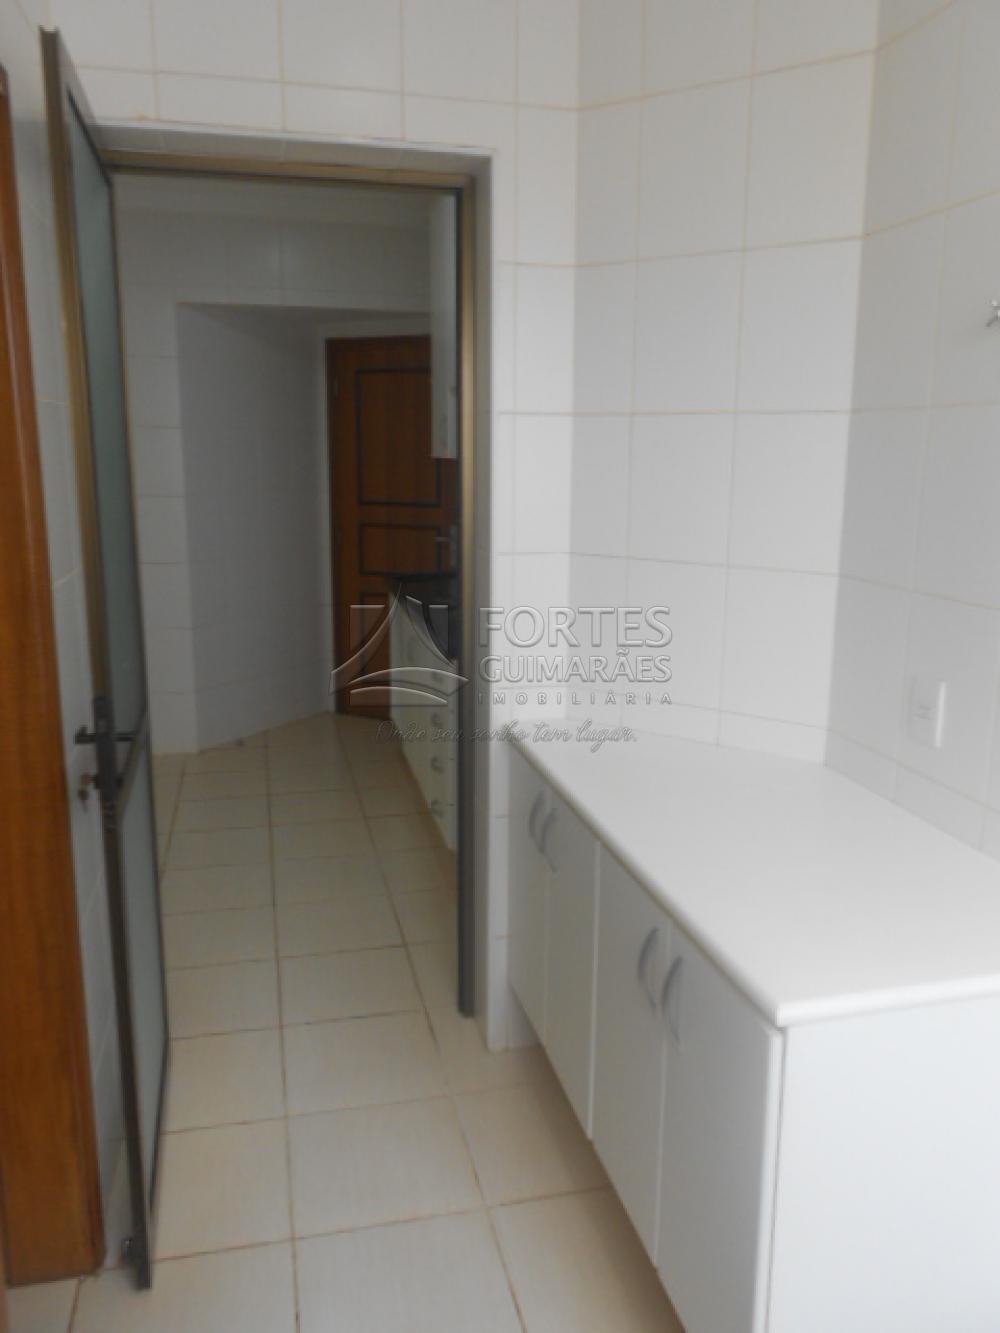 Alugar Apartamentos / Padrão em Ribeirão Preto apenas R$ 1.300,00 - Foto 45